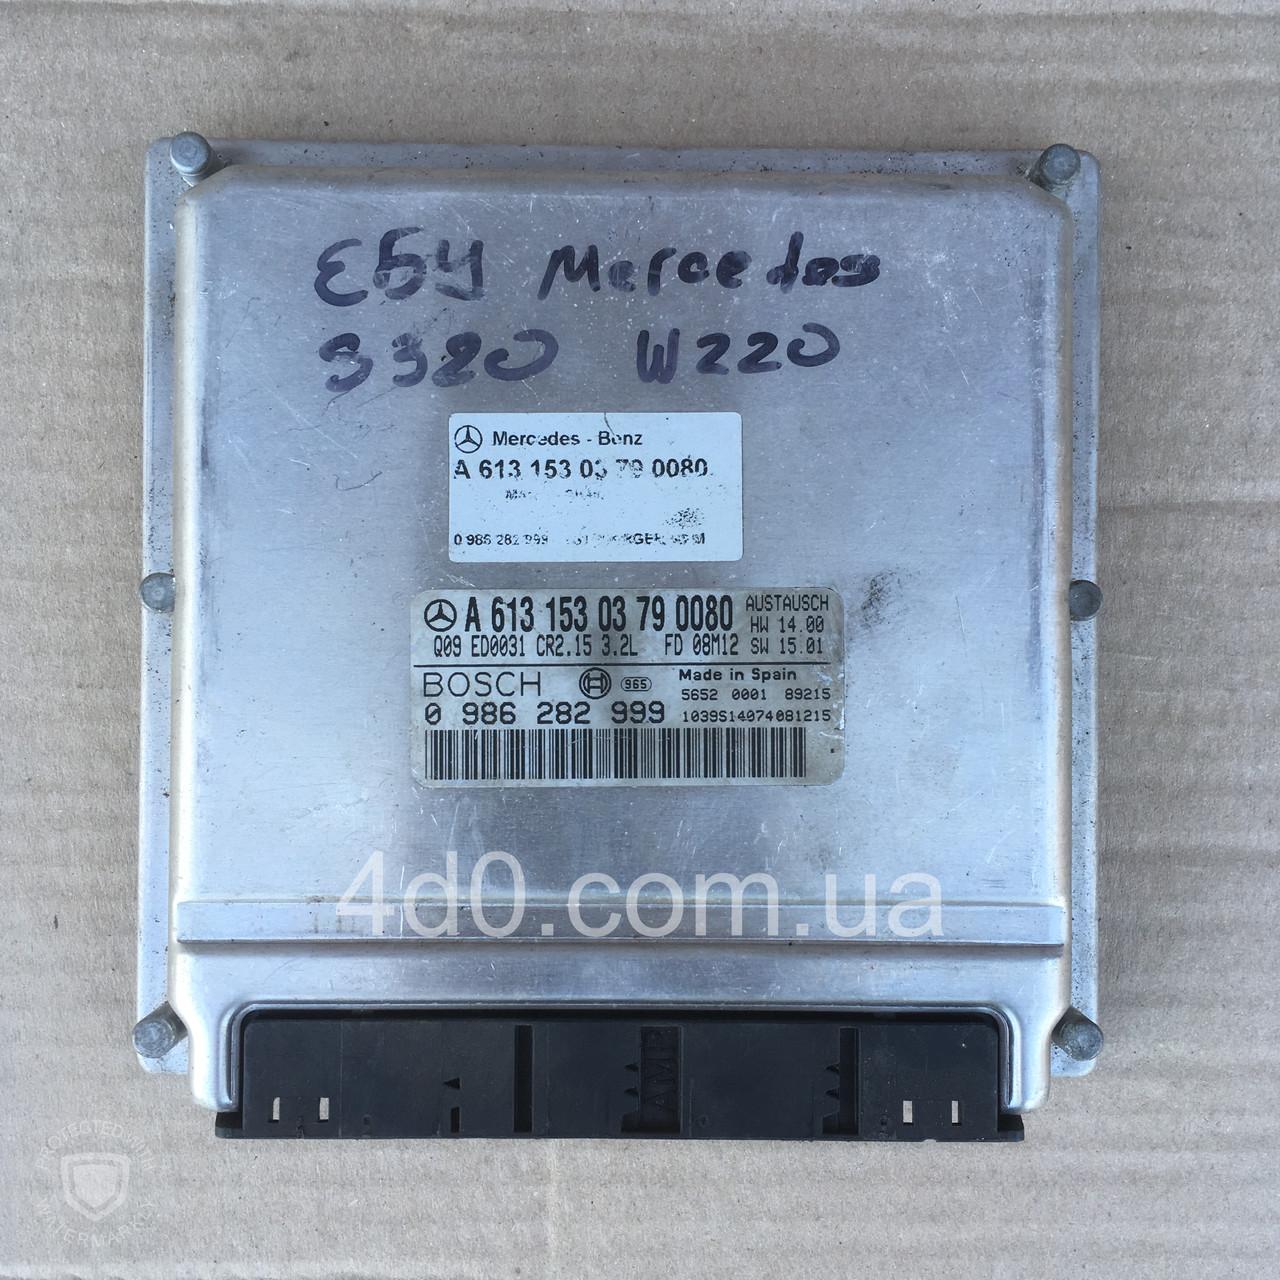 A61315303790080 Блок управління двигуном на Mercedes 3.2 CDI 0986282999